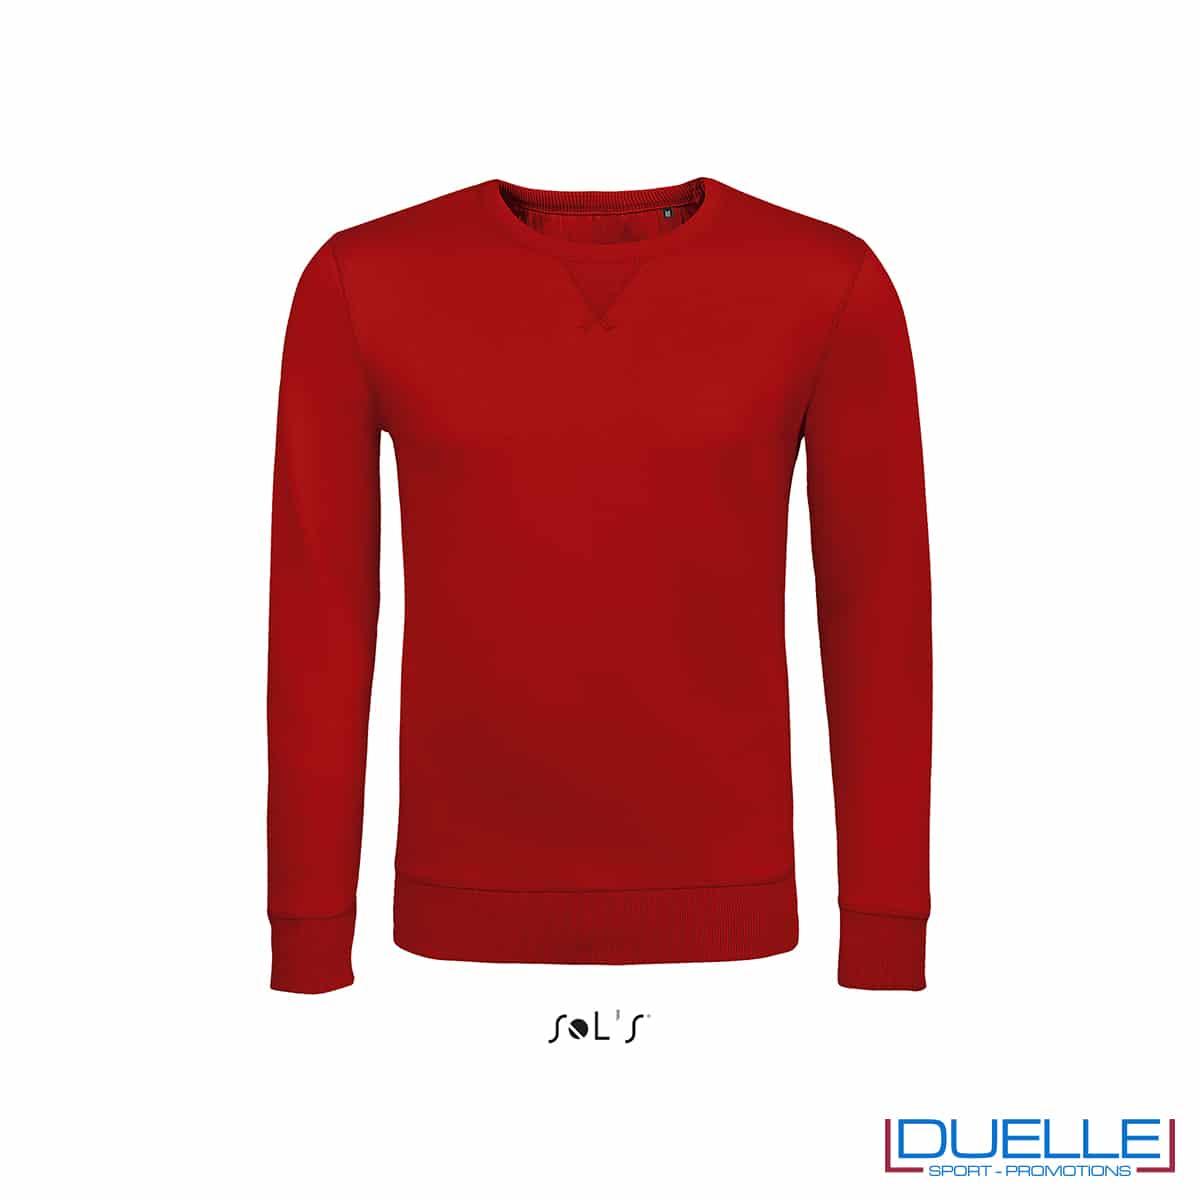 Felpa in cotone LSF colore rosso